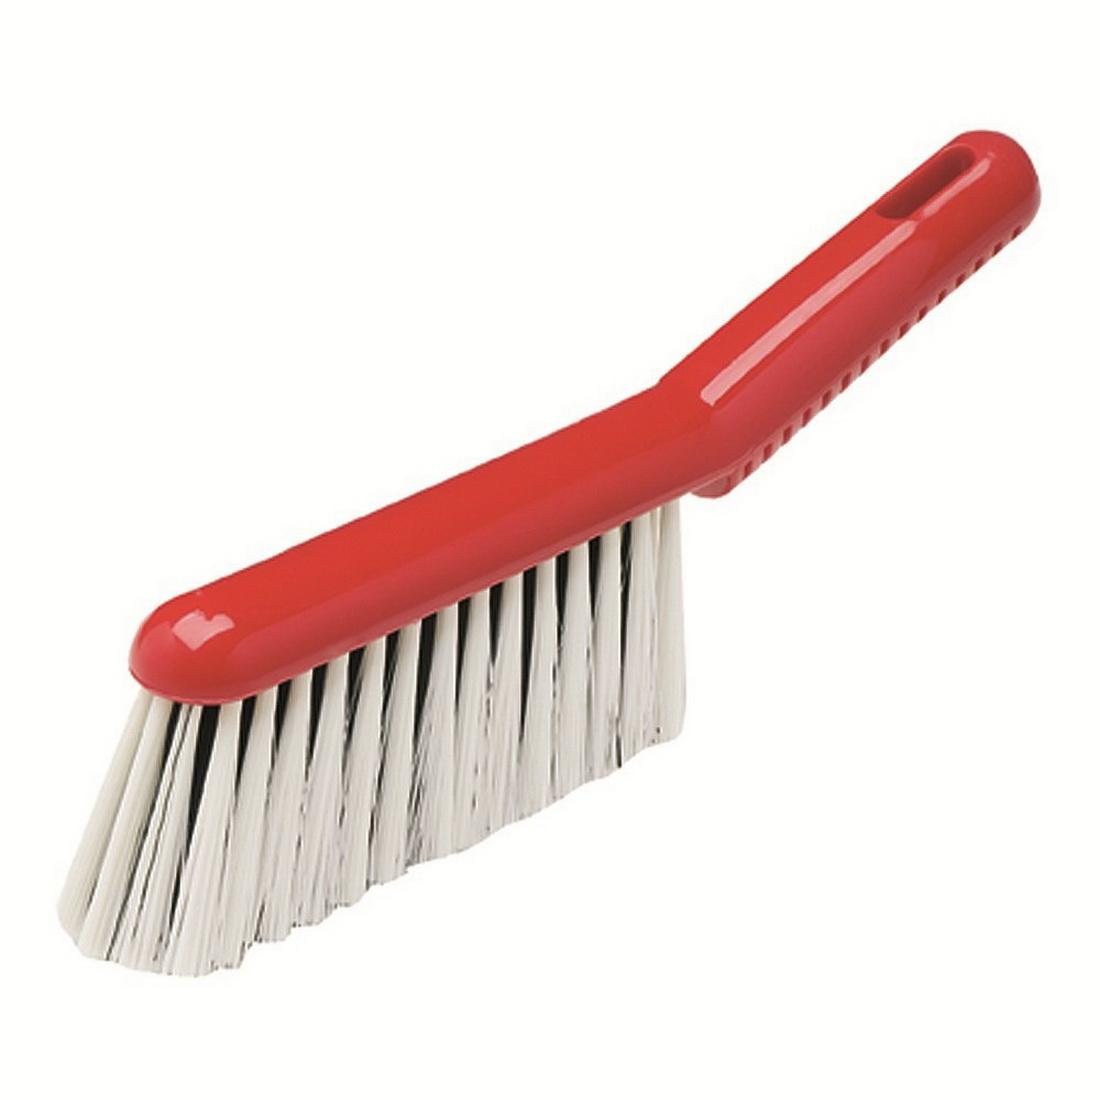 Banister Brush 8004